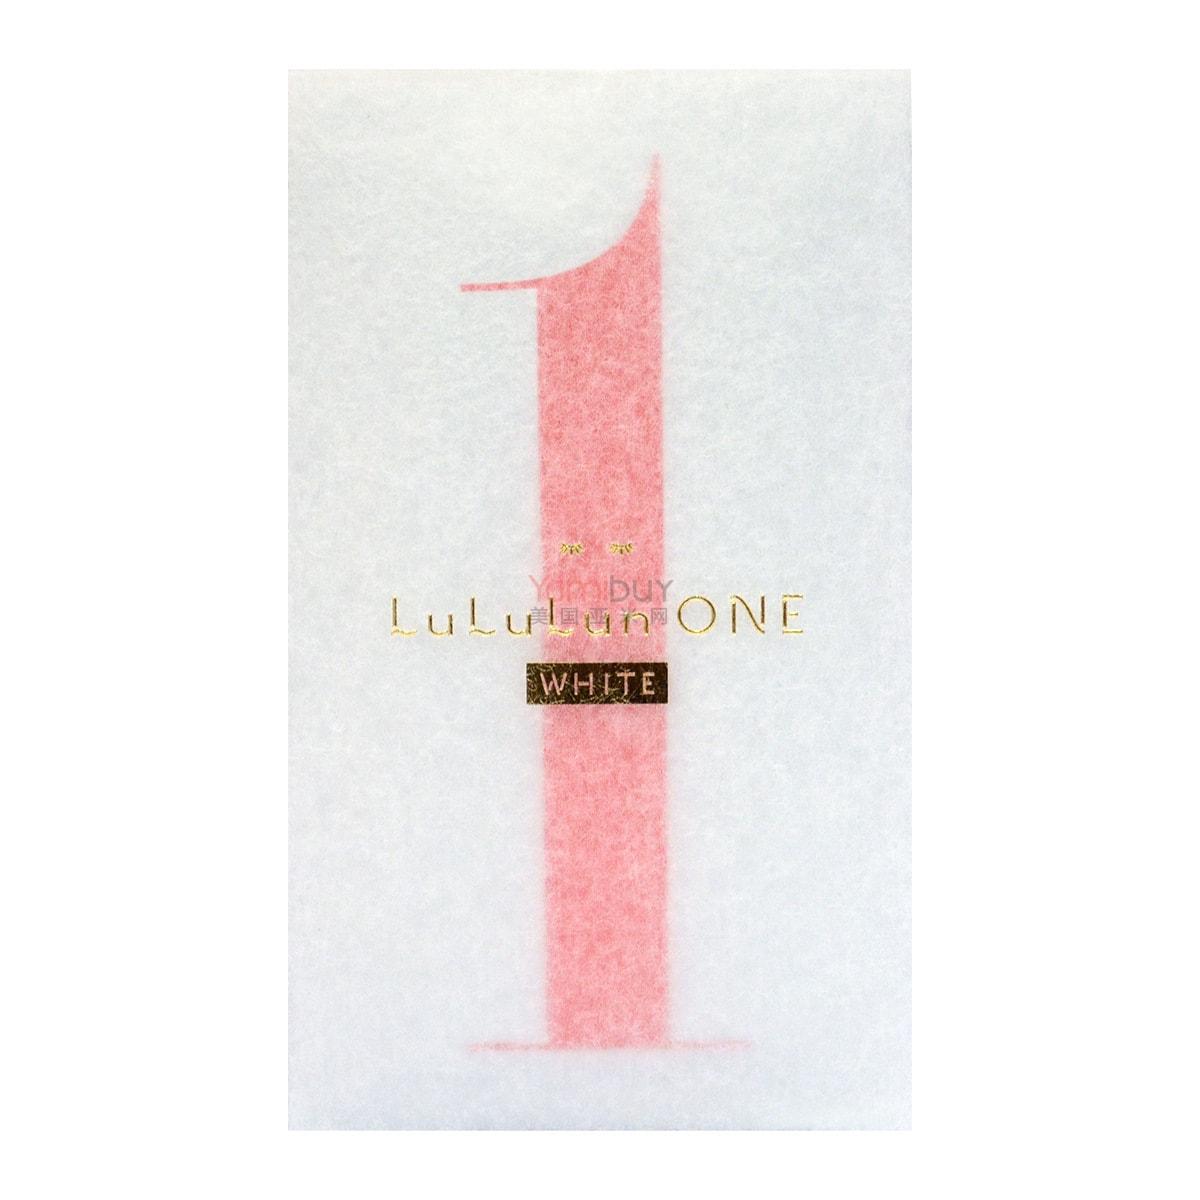 日本LULULUN ONE WHITE 美白面膜 限量版 5片入